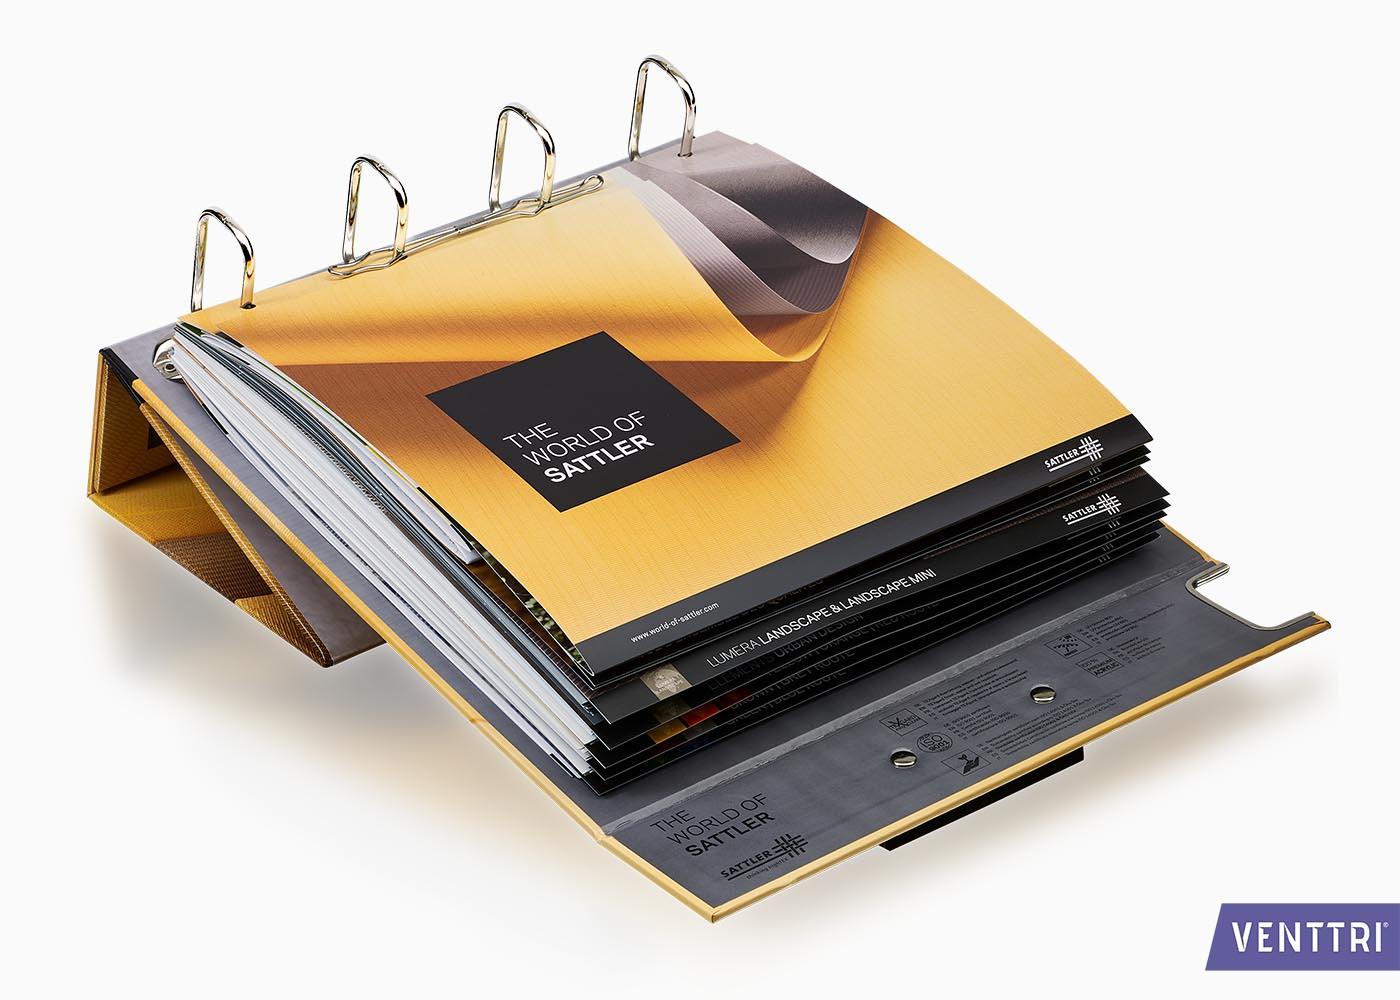 stalenboek met staander 2